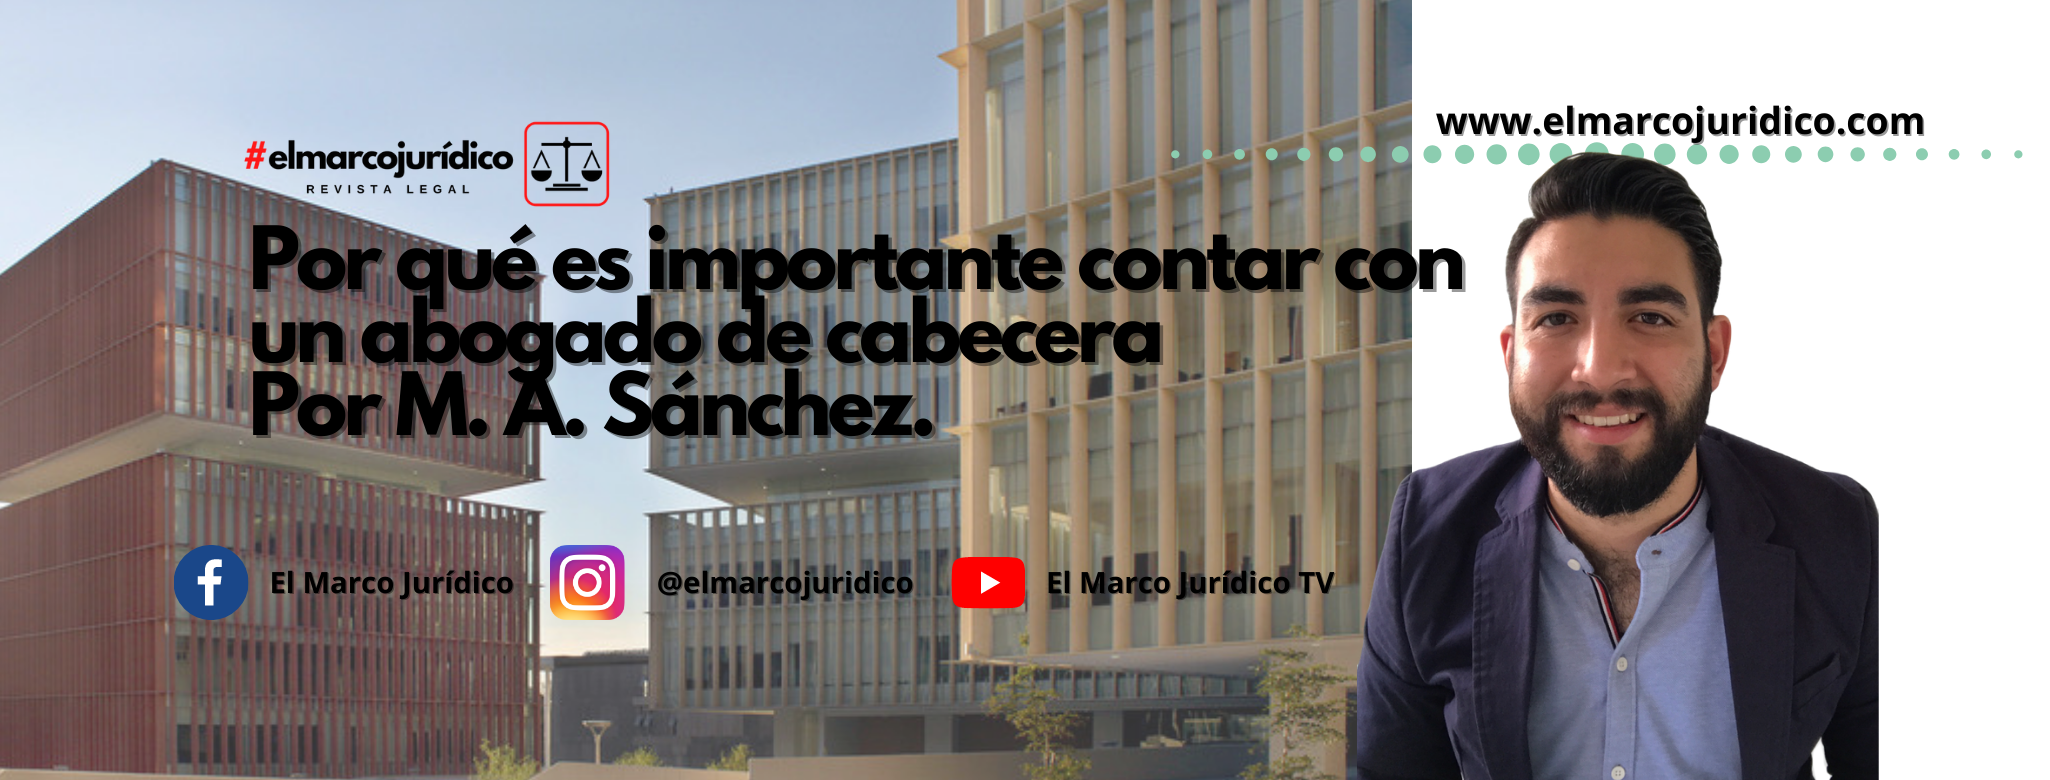 Por qué es importante contar con un abogado de cabecera   Marco A. Sánchez.